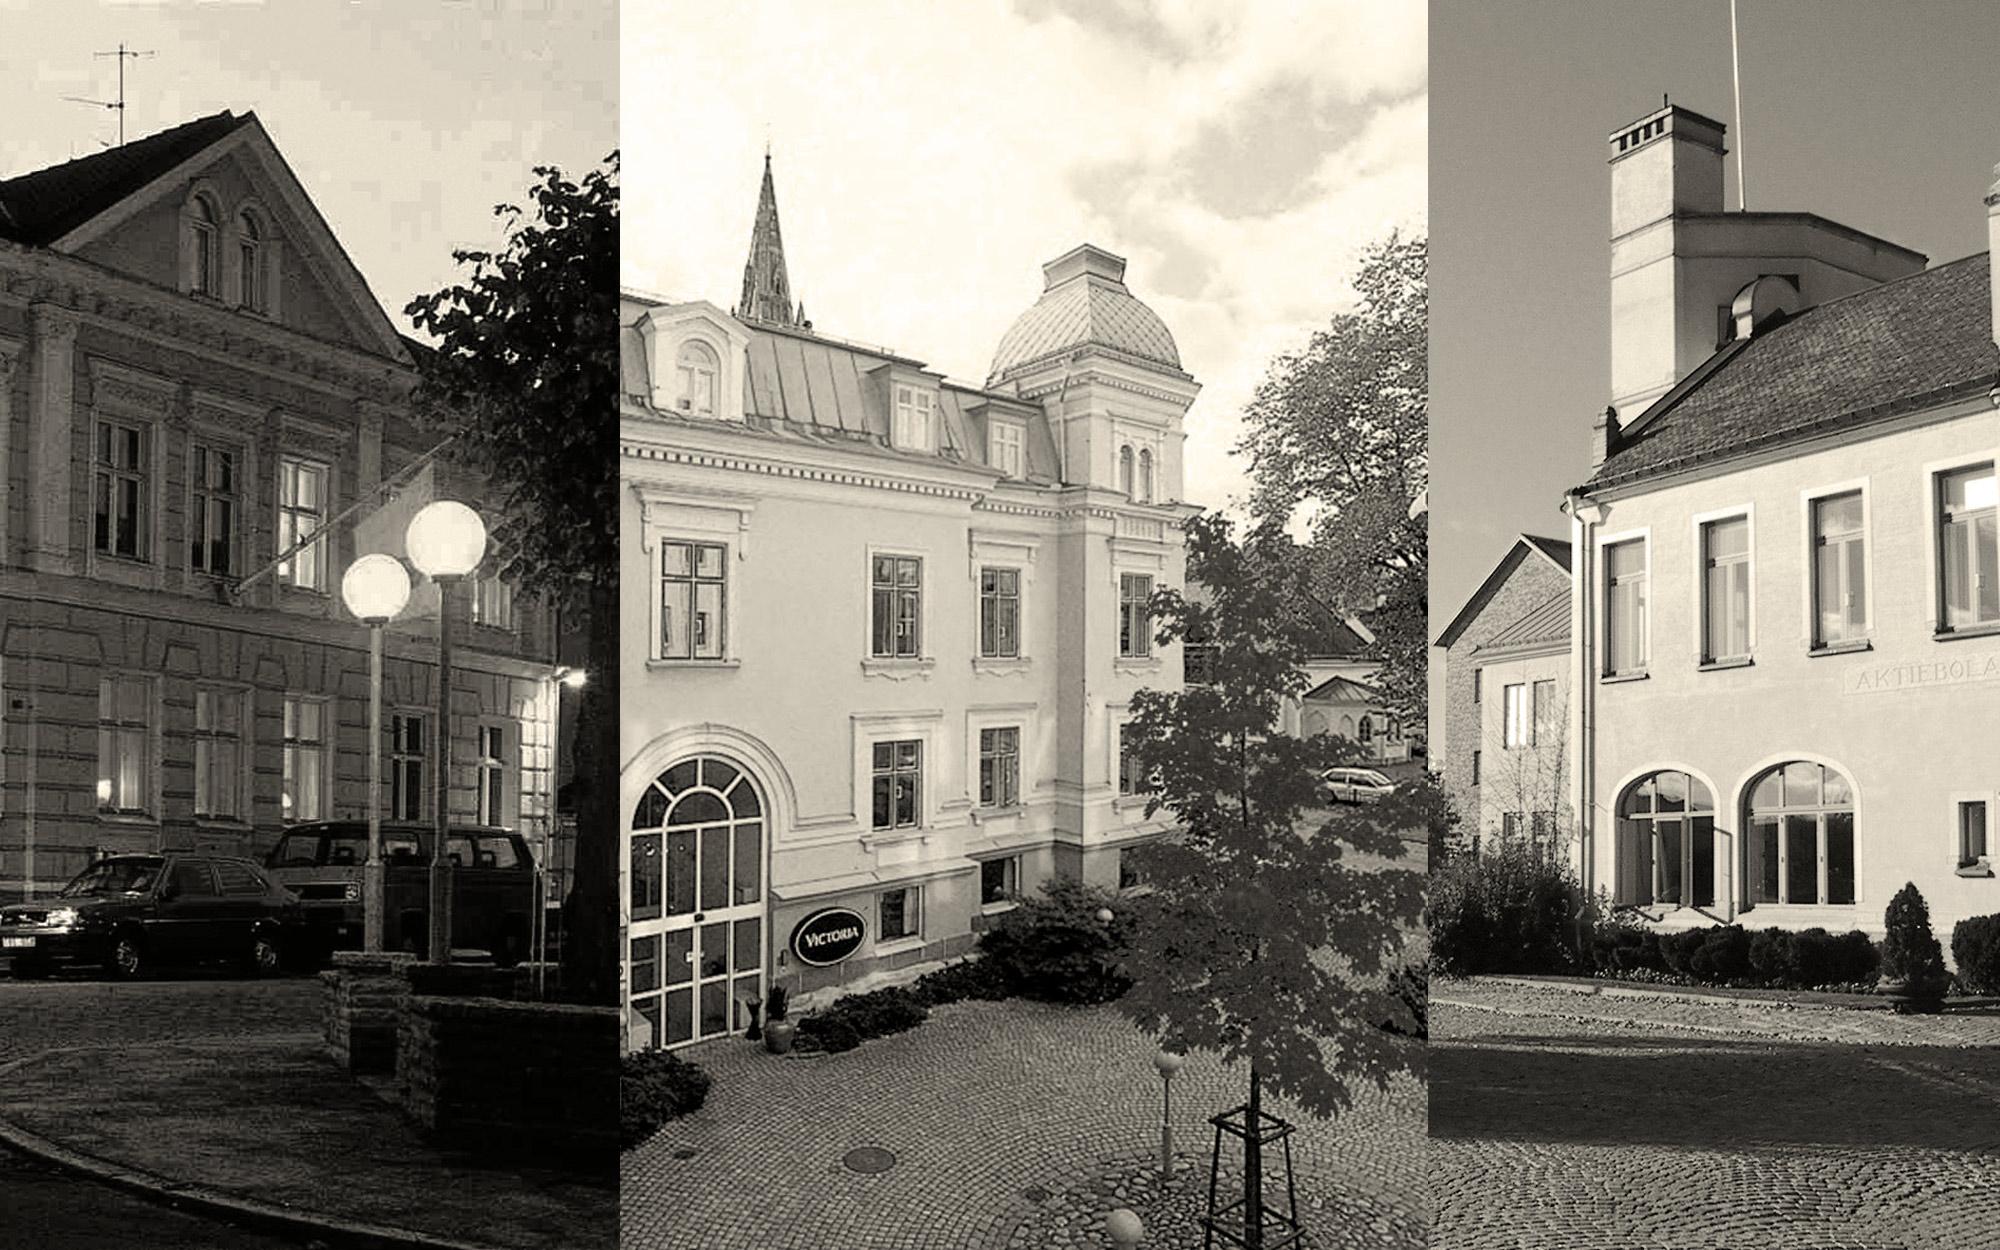 Västerkulla hotell, tre fastigheter